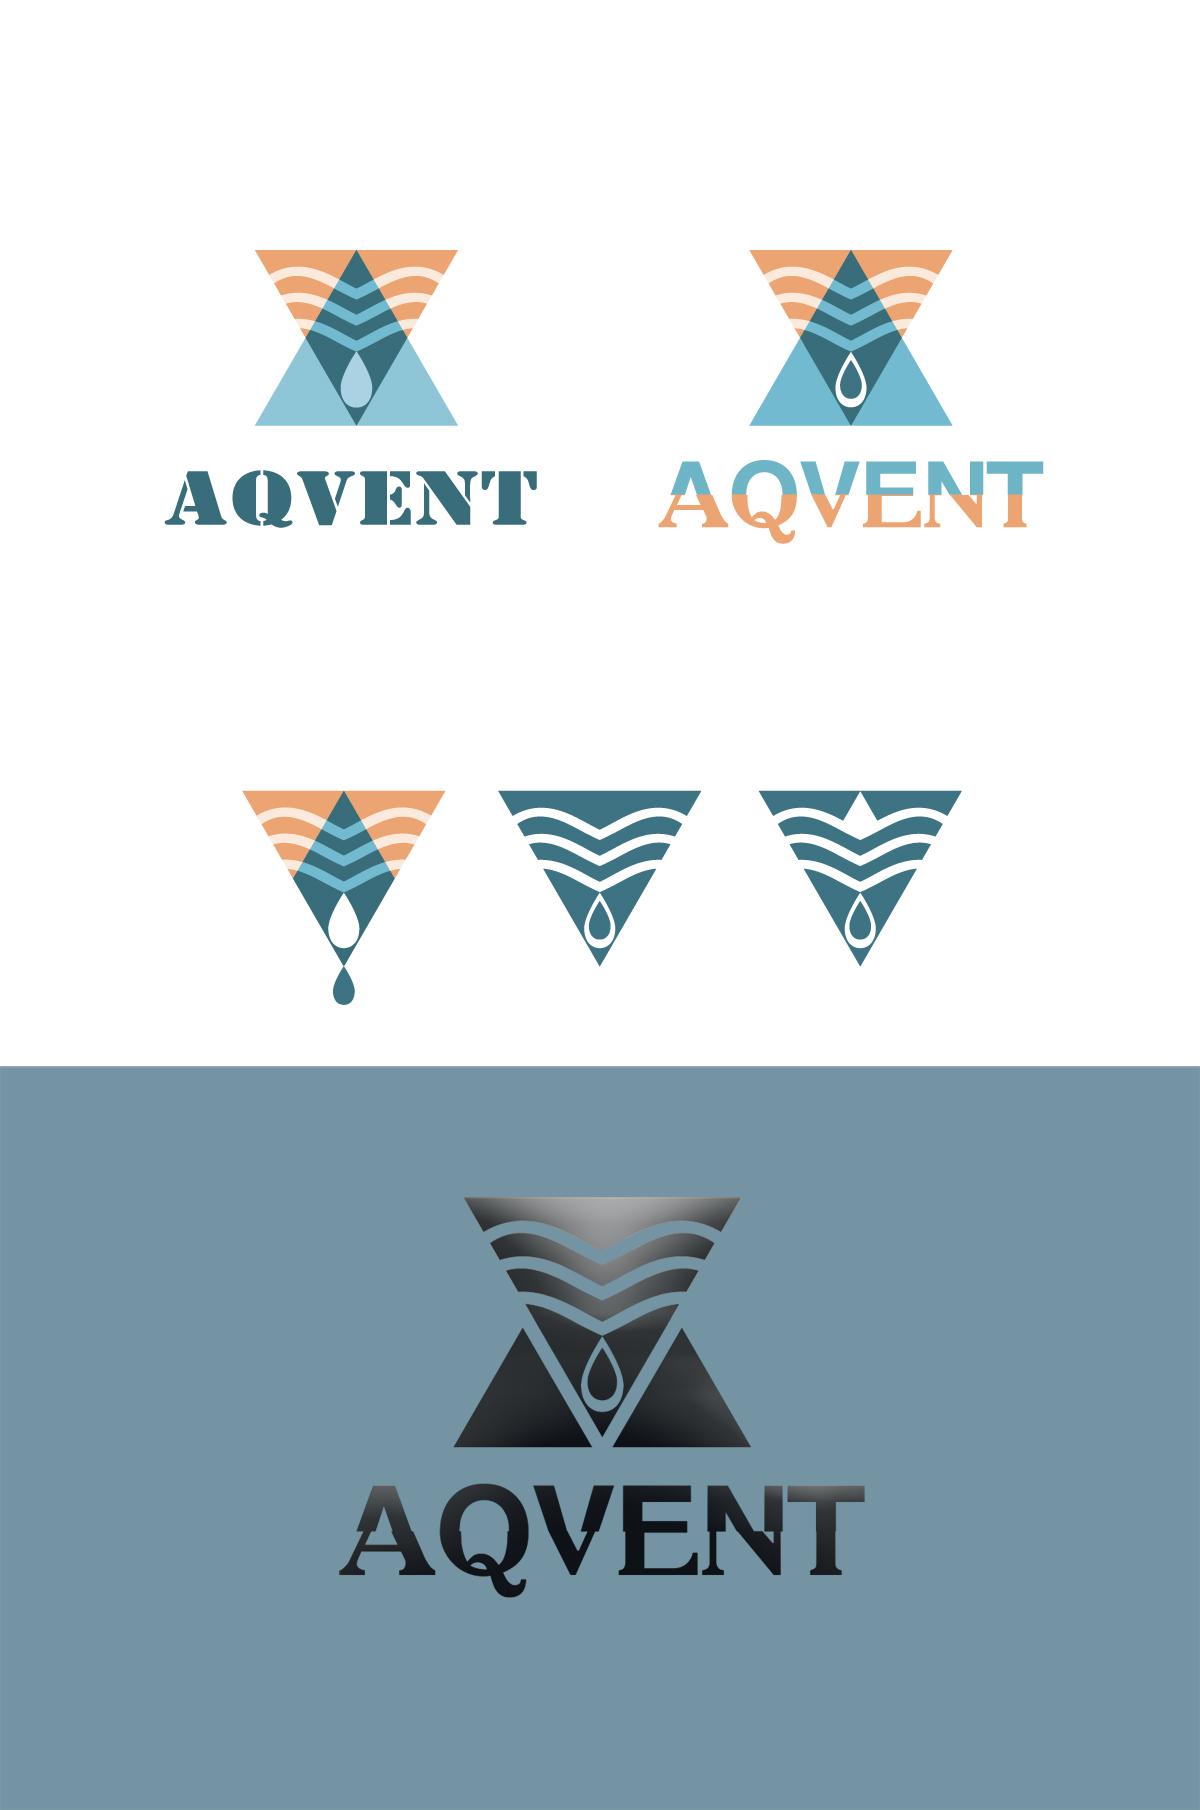 Логотип AQVENT фото f_45152834aa2c0174.jpg